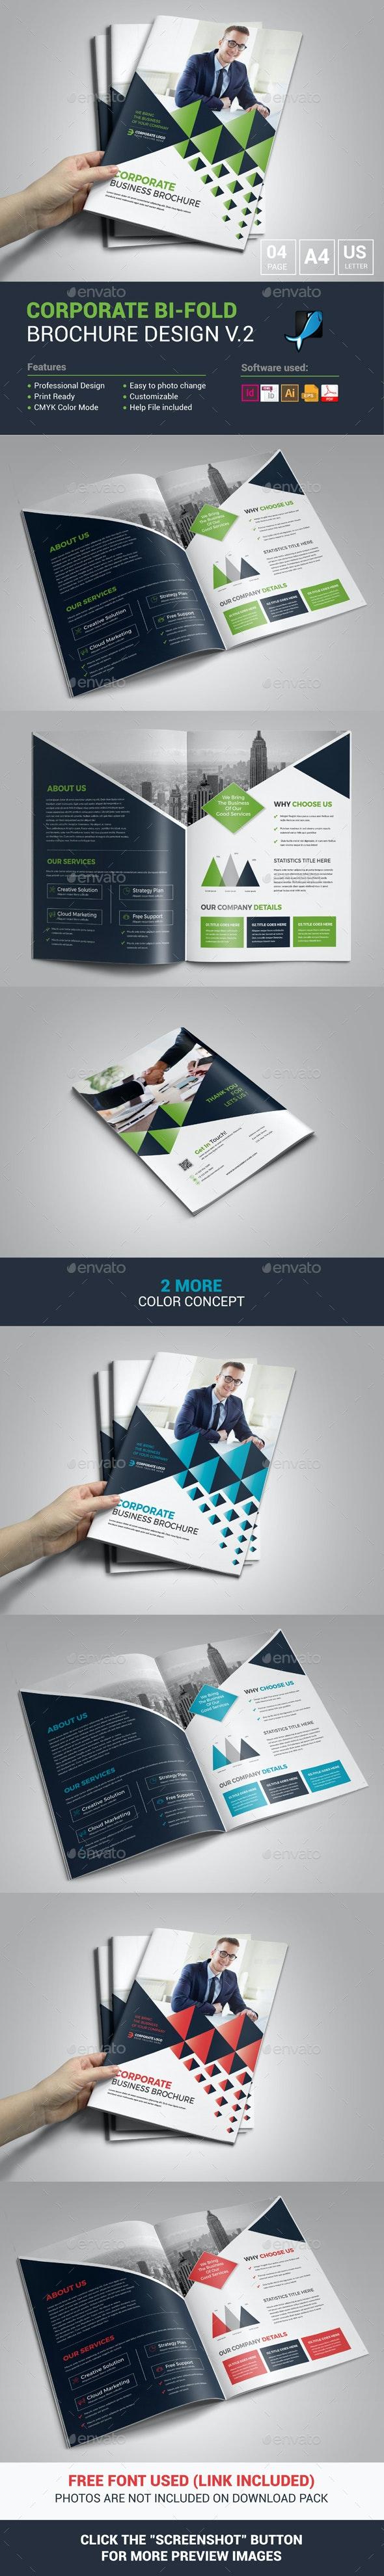 Corporate Bi-Fold Brochure Design - Corporate Brochures